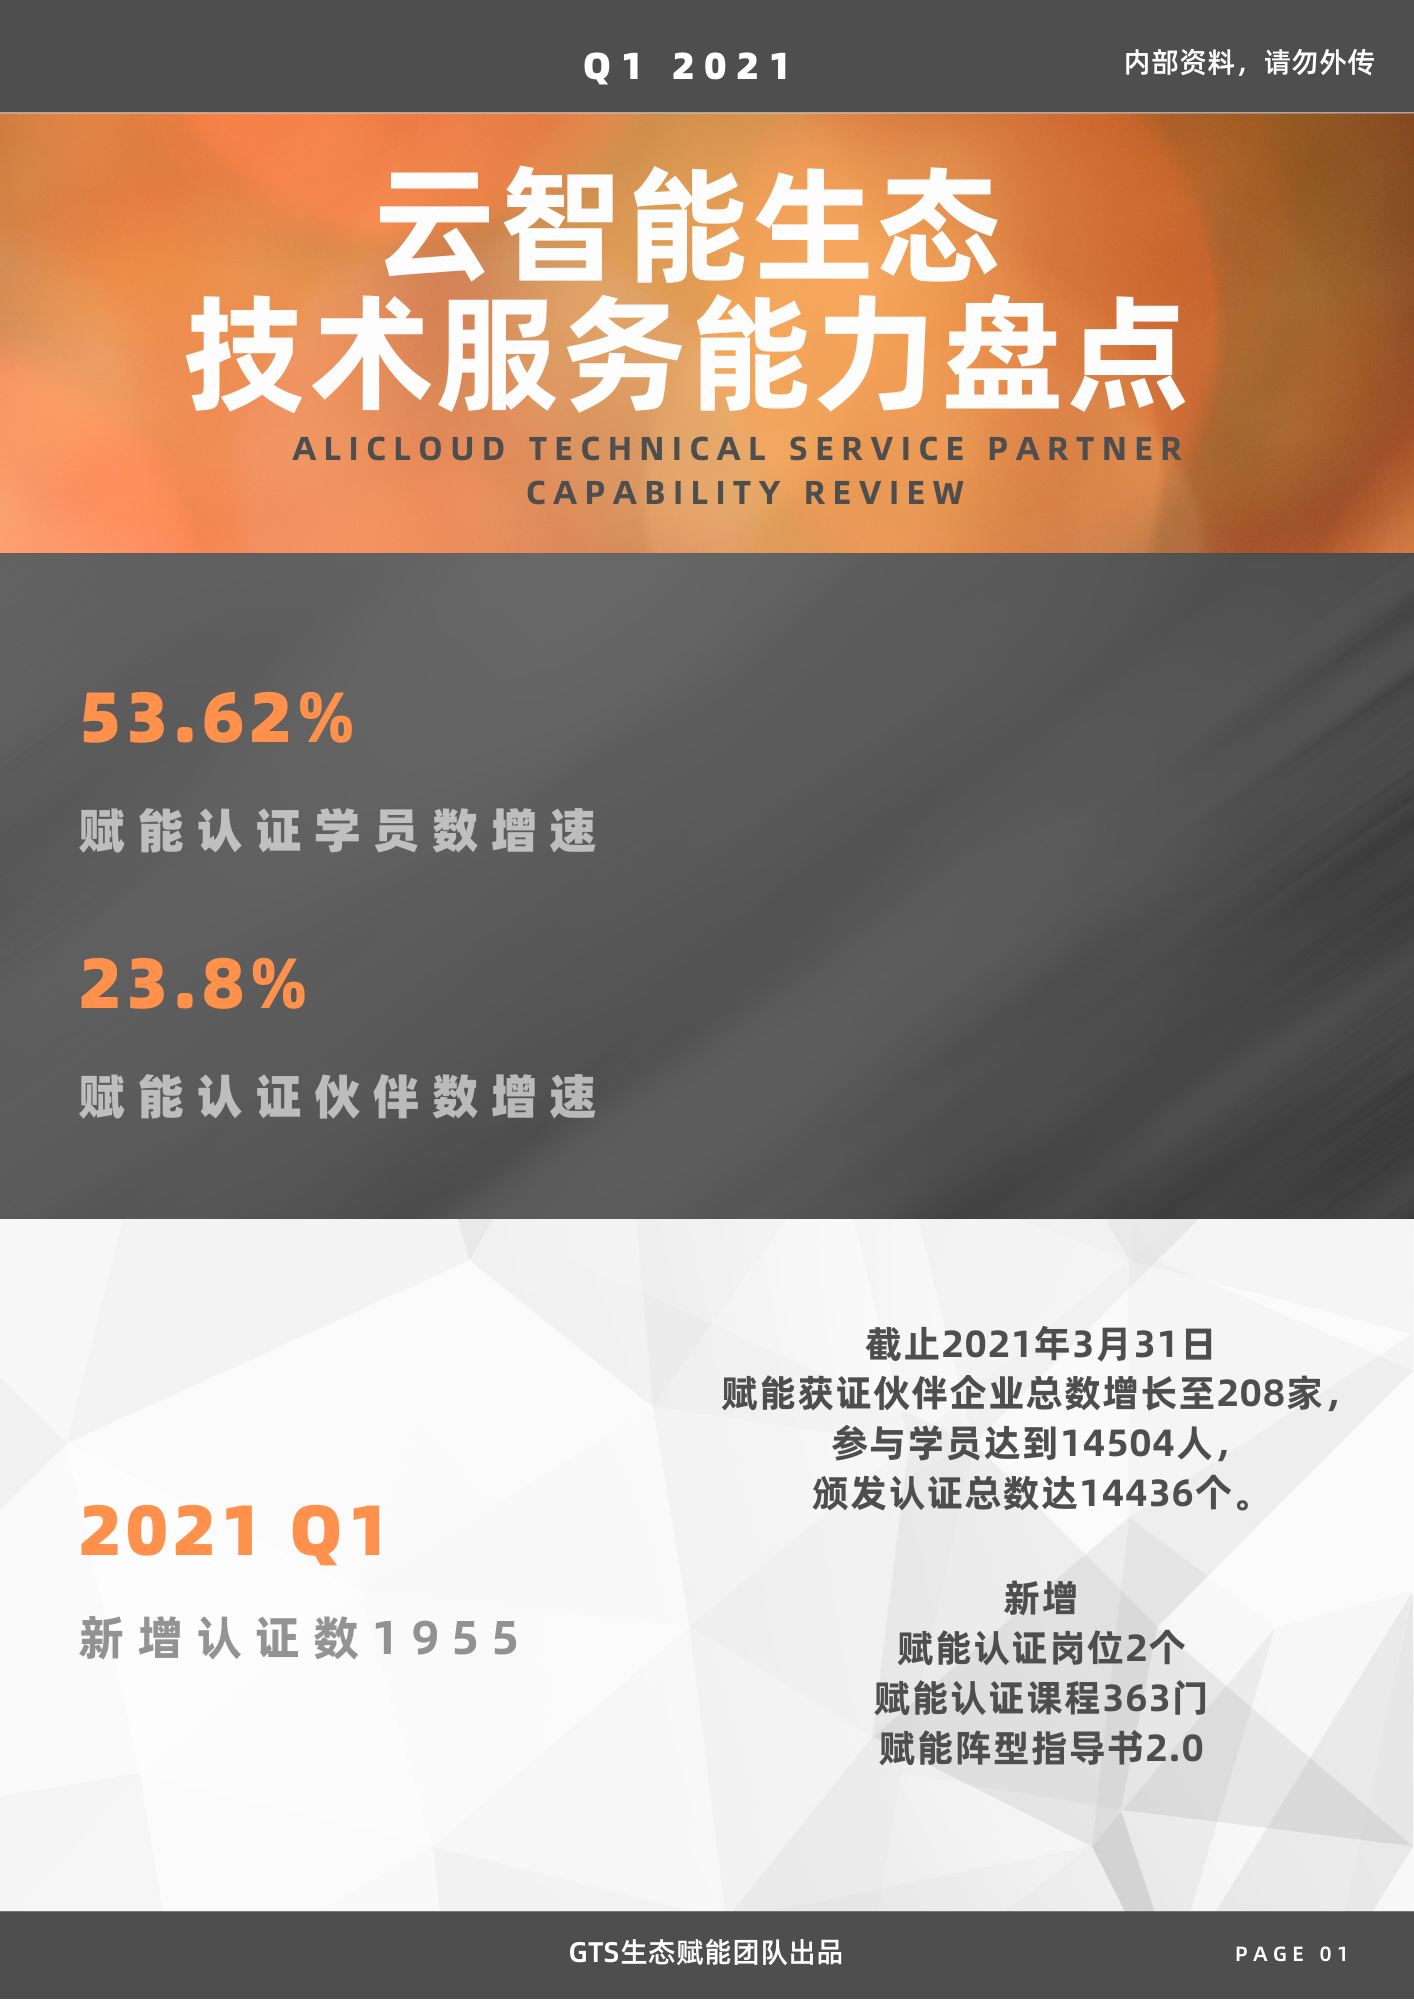 2021第一季度云智能生态技术服务能力盘点